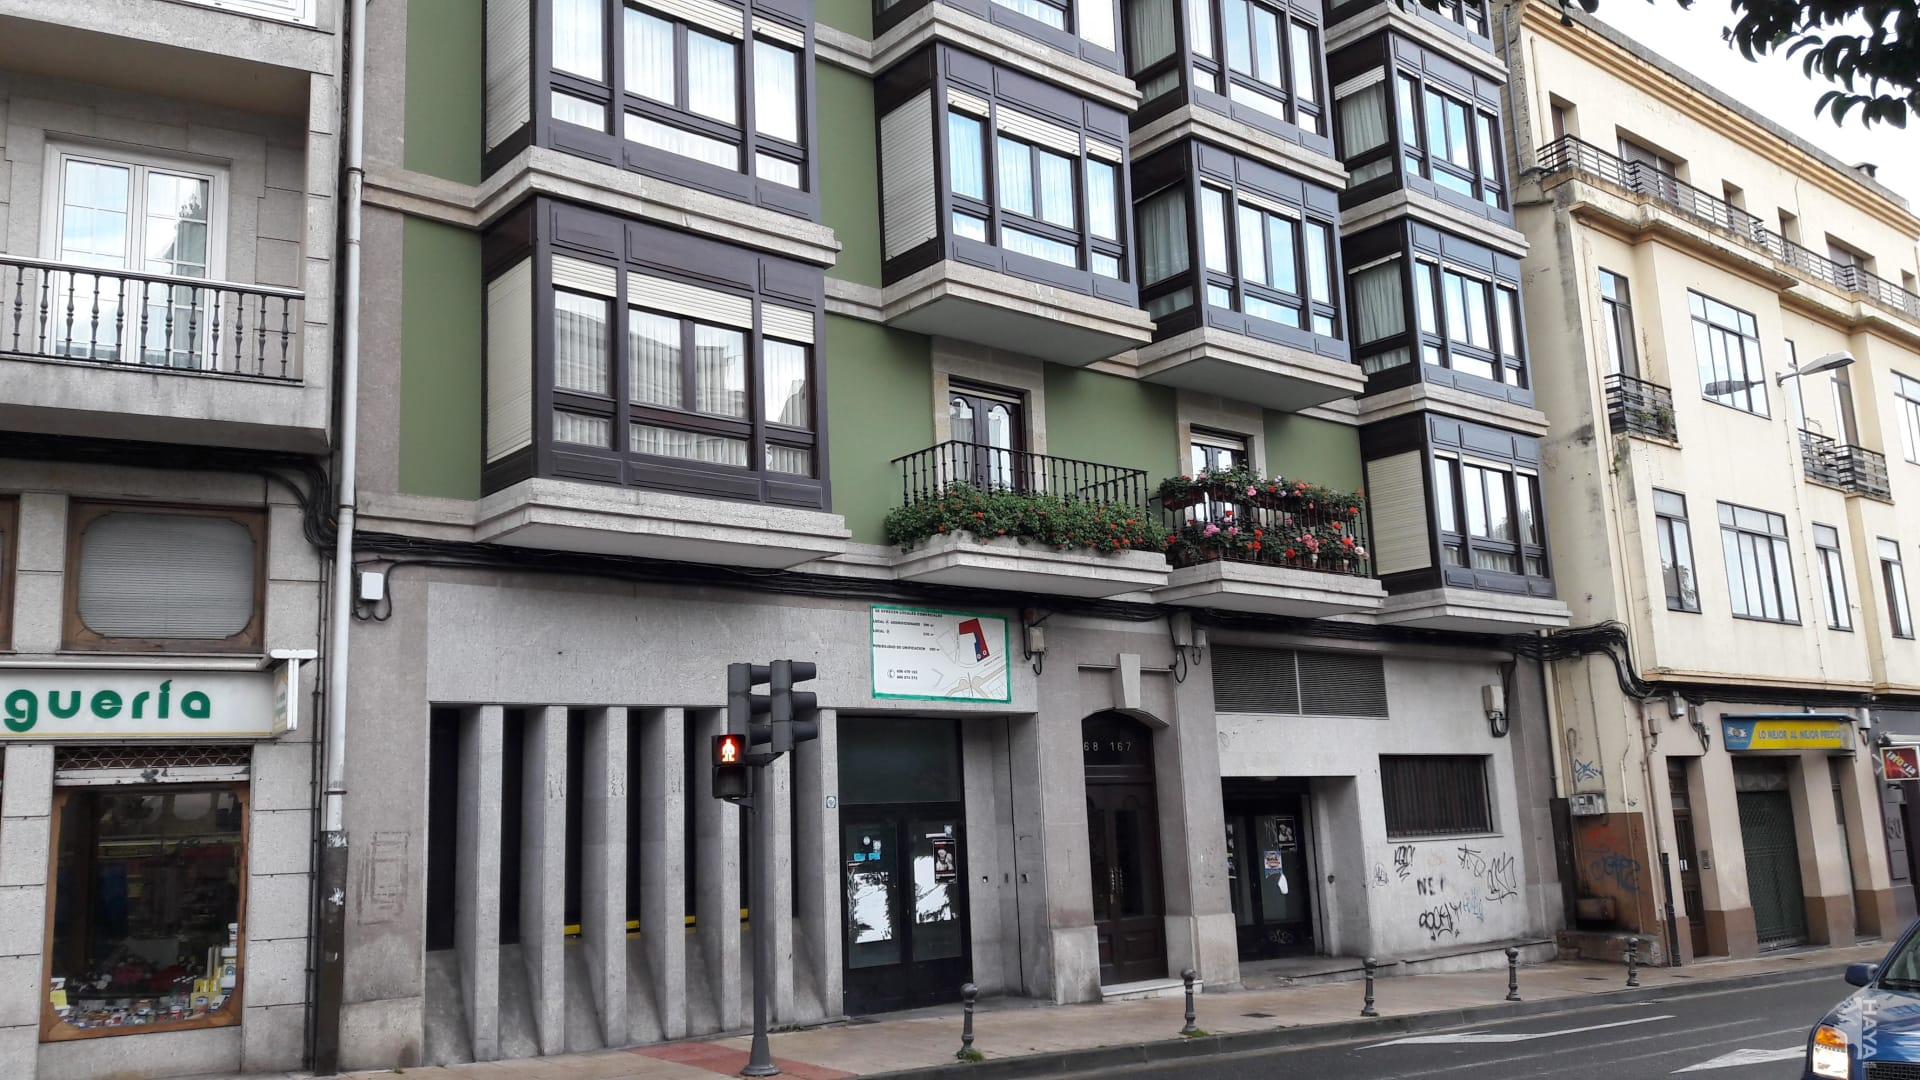 Local en venta en Lugo, Lugo, Calle Ronda Muralla (da), 306.000 €, 829 m2